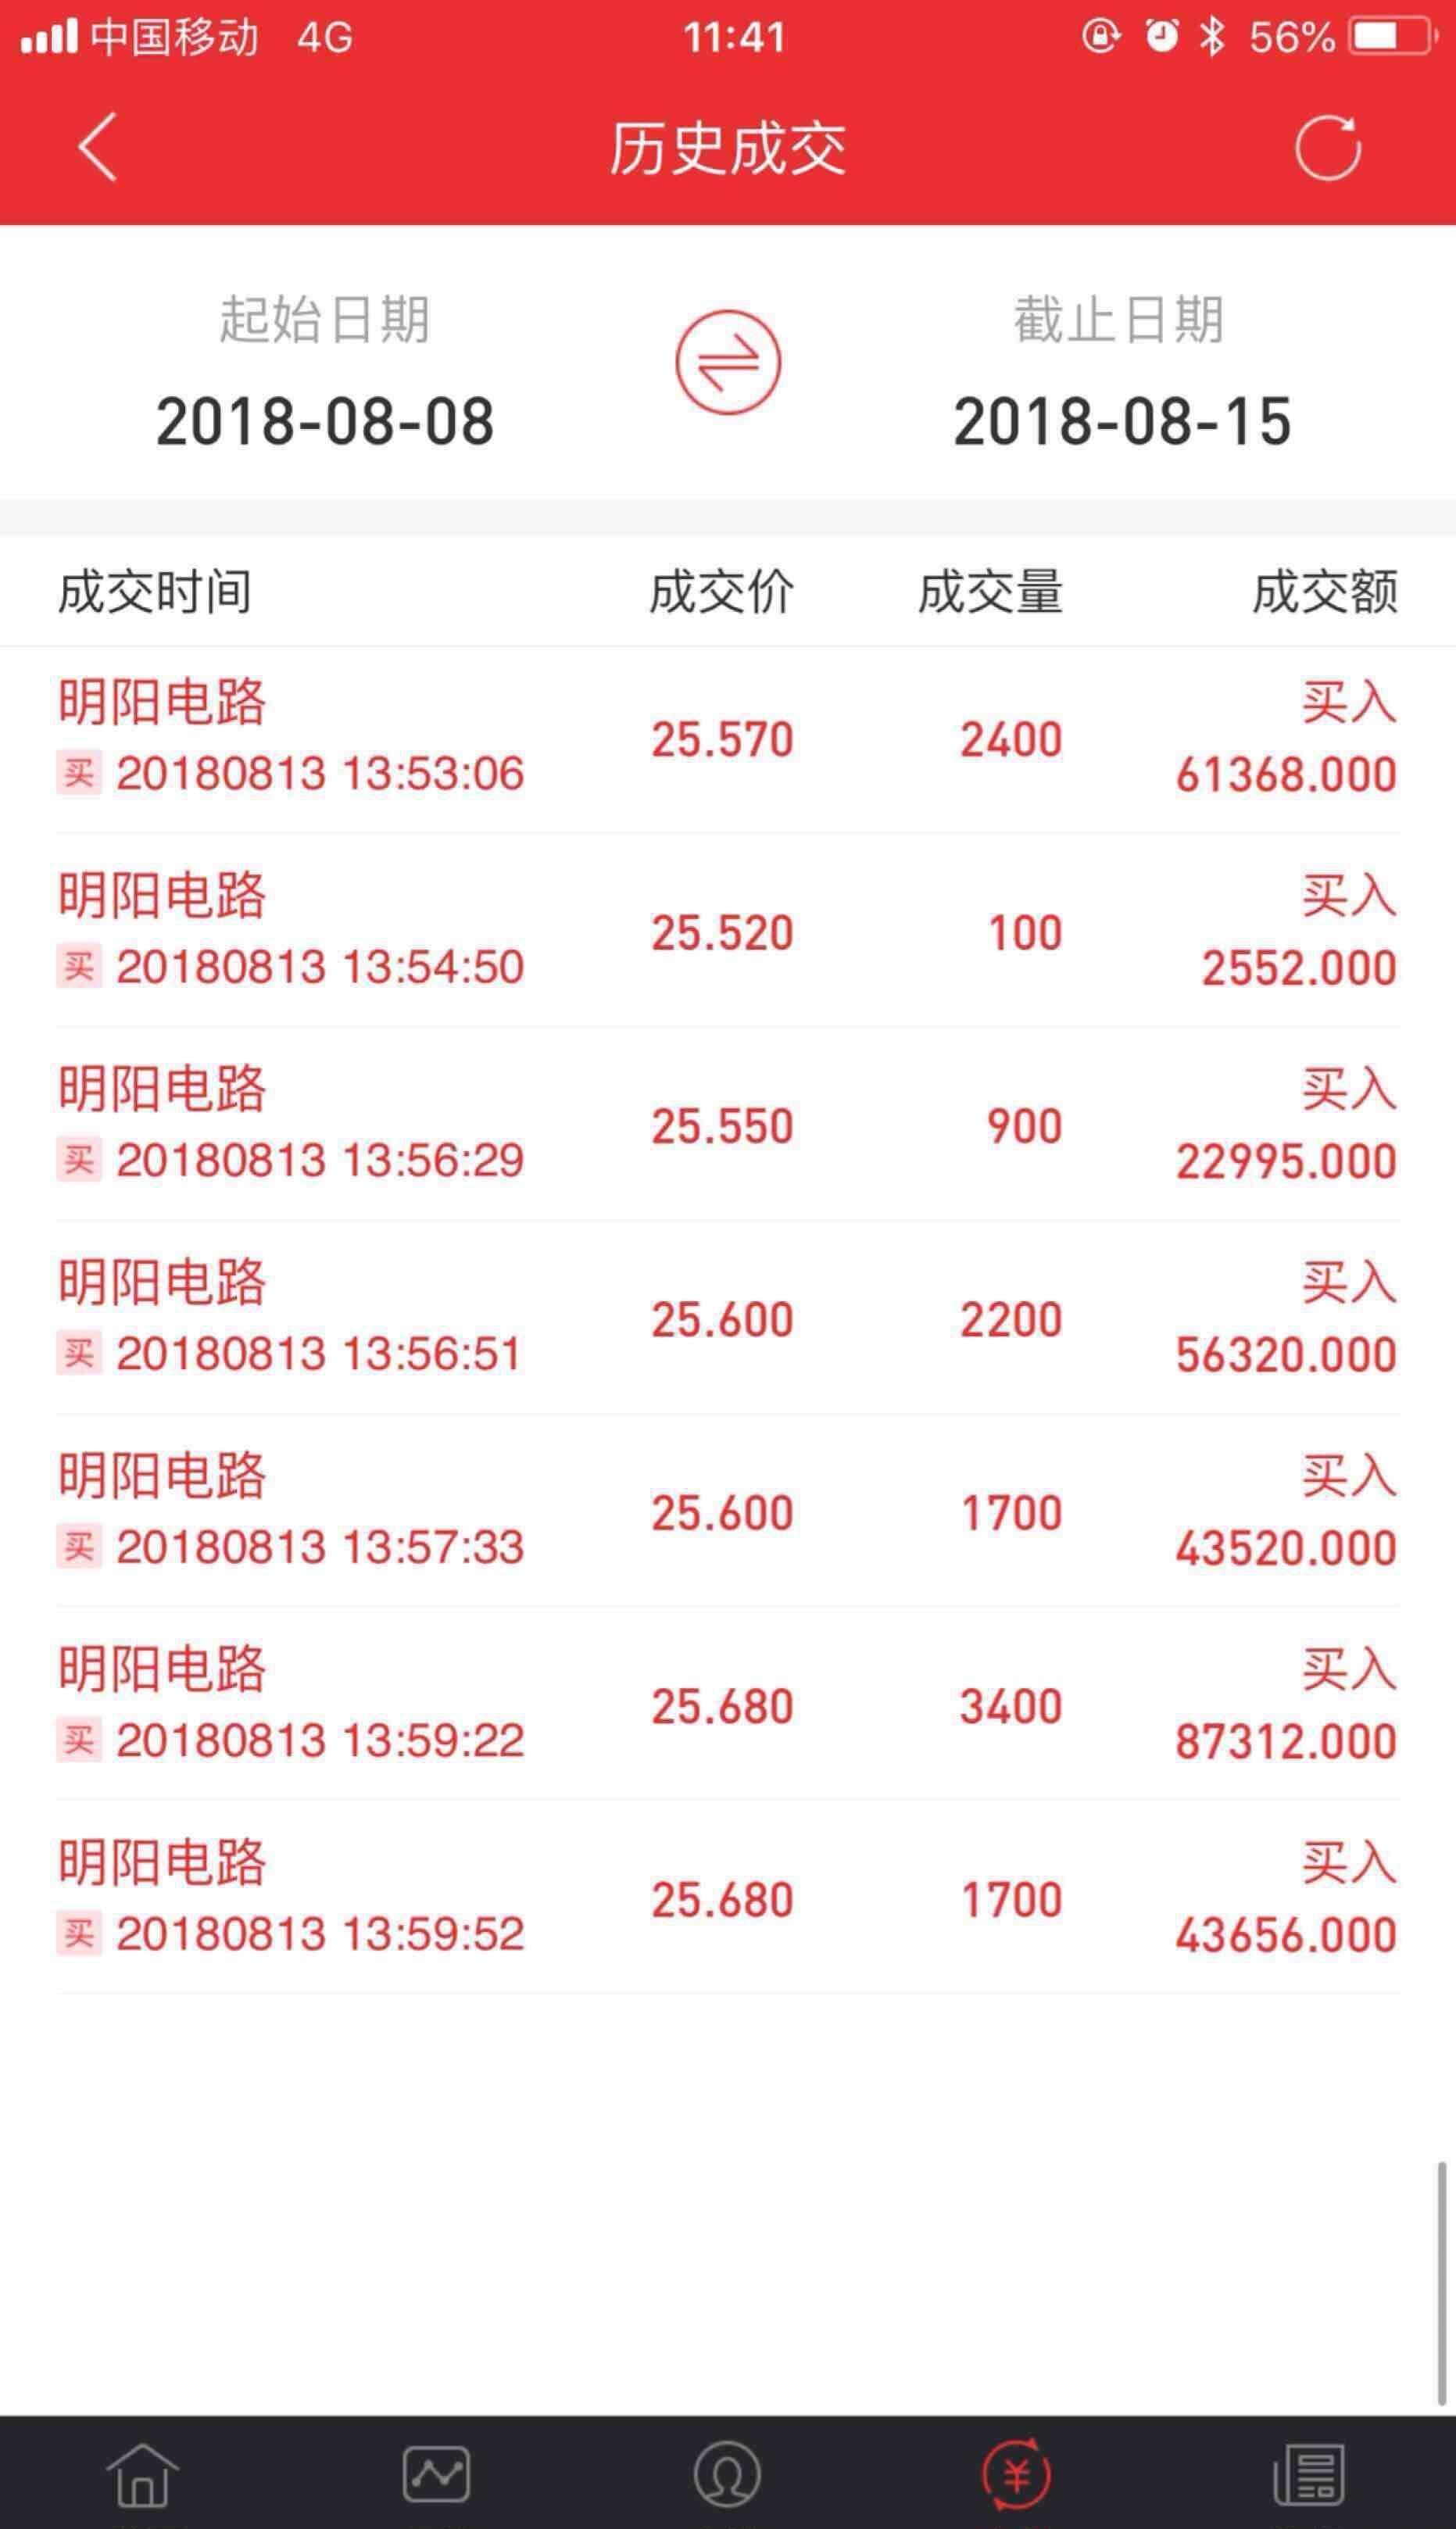 [图片]_明阳电路(300739)股吧_东方财富网股吧